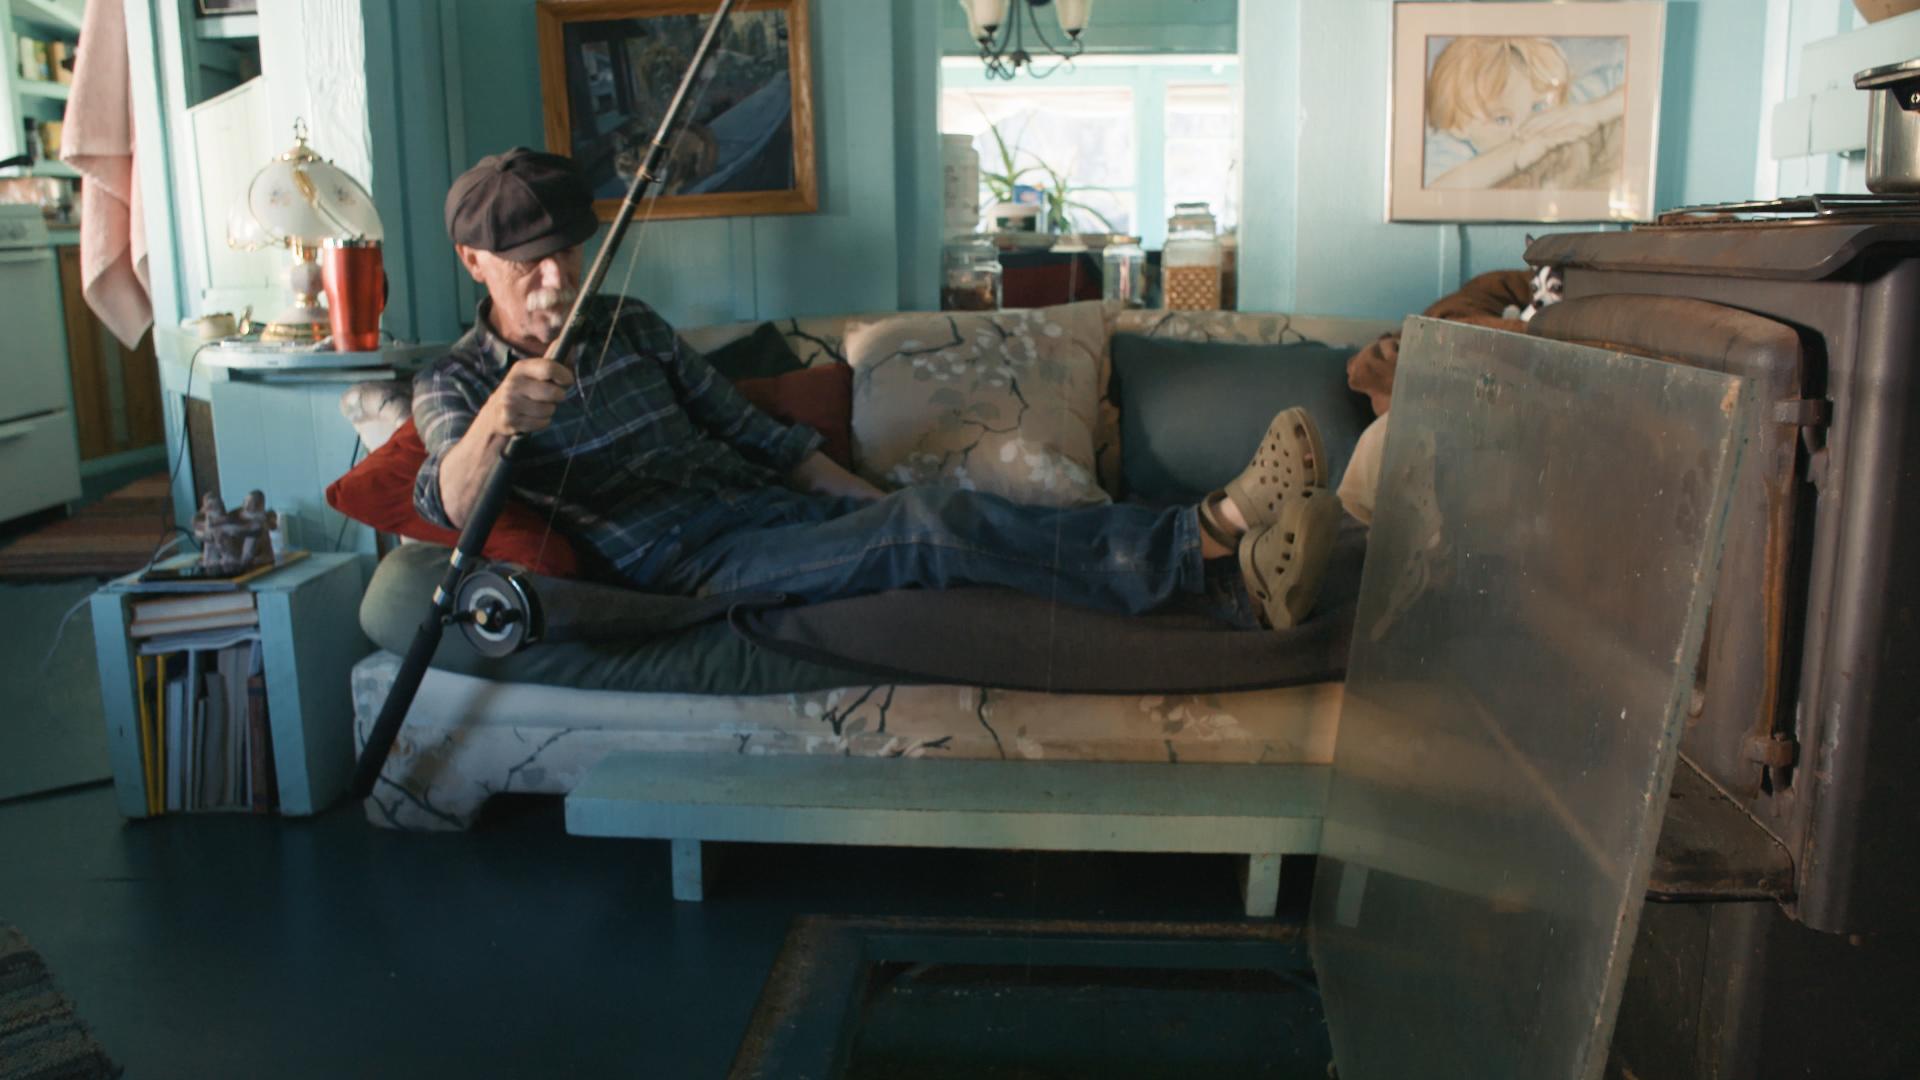 Wayne Adams poder pescar no conforto de seu sofá